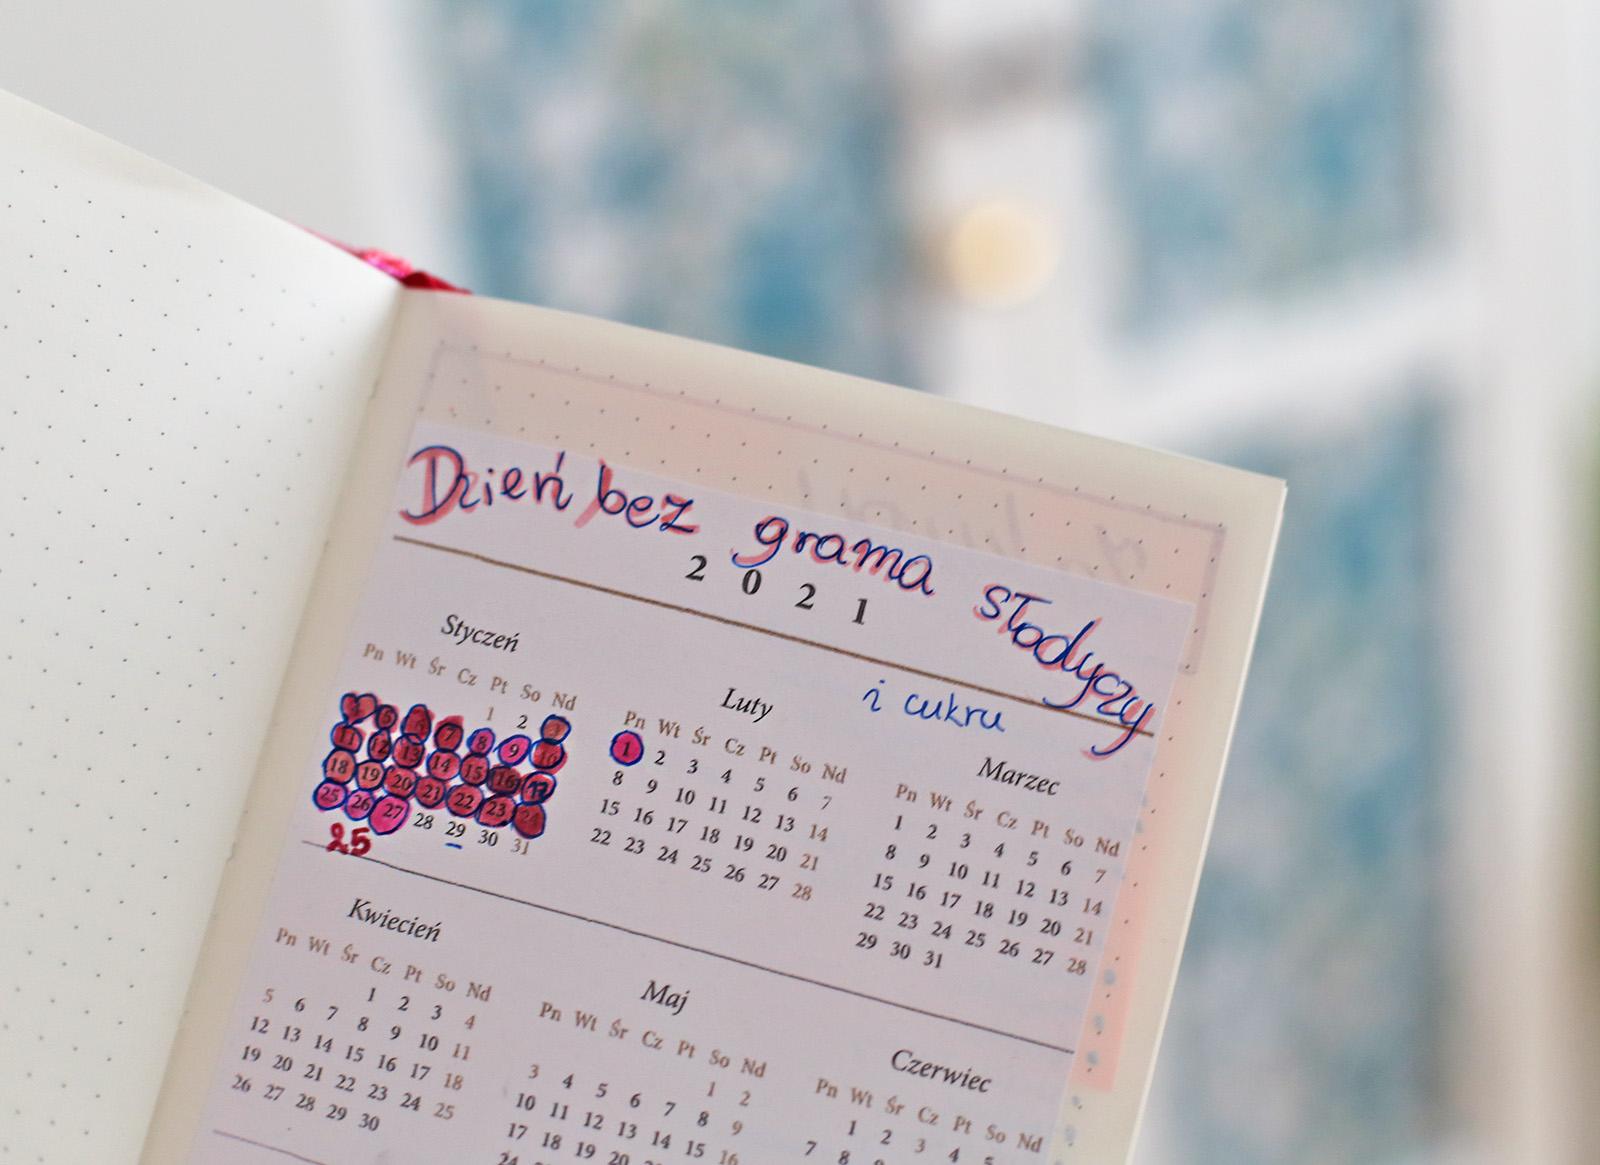 21 dni bez słodyczy -  co się zmieniło w tym czasie?